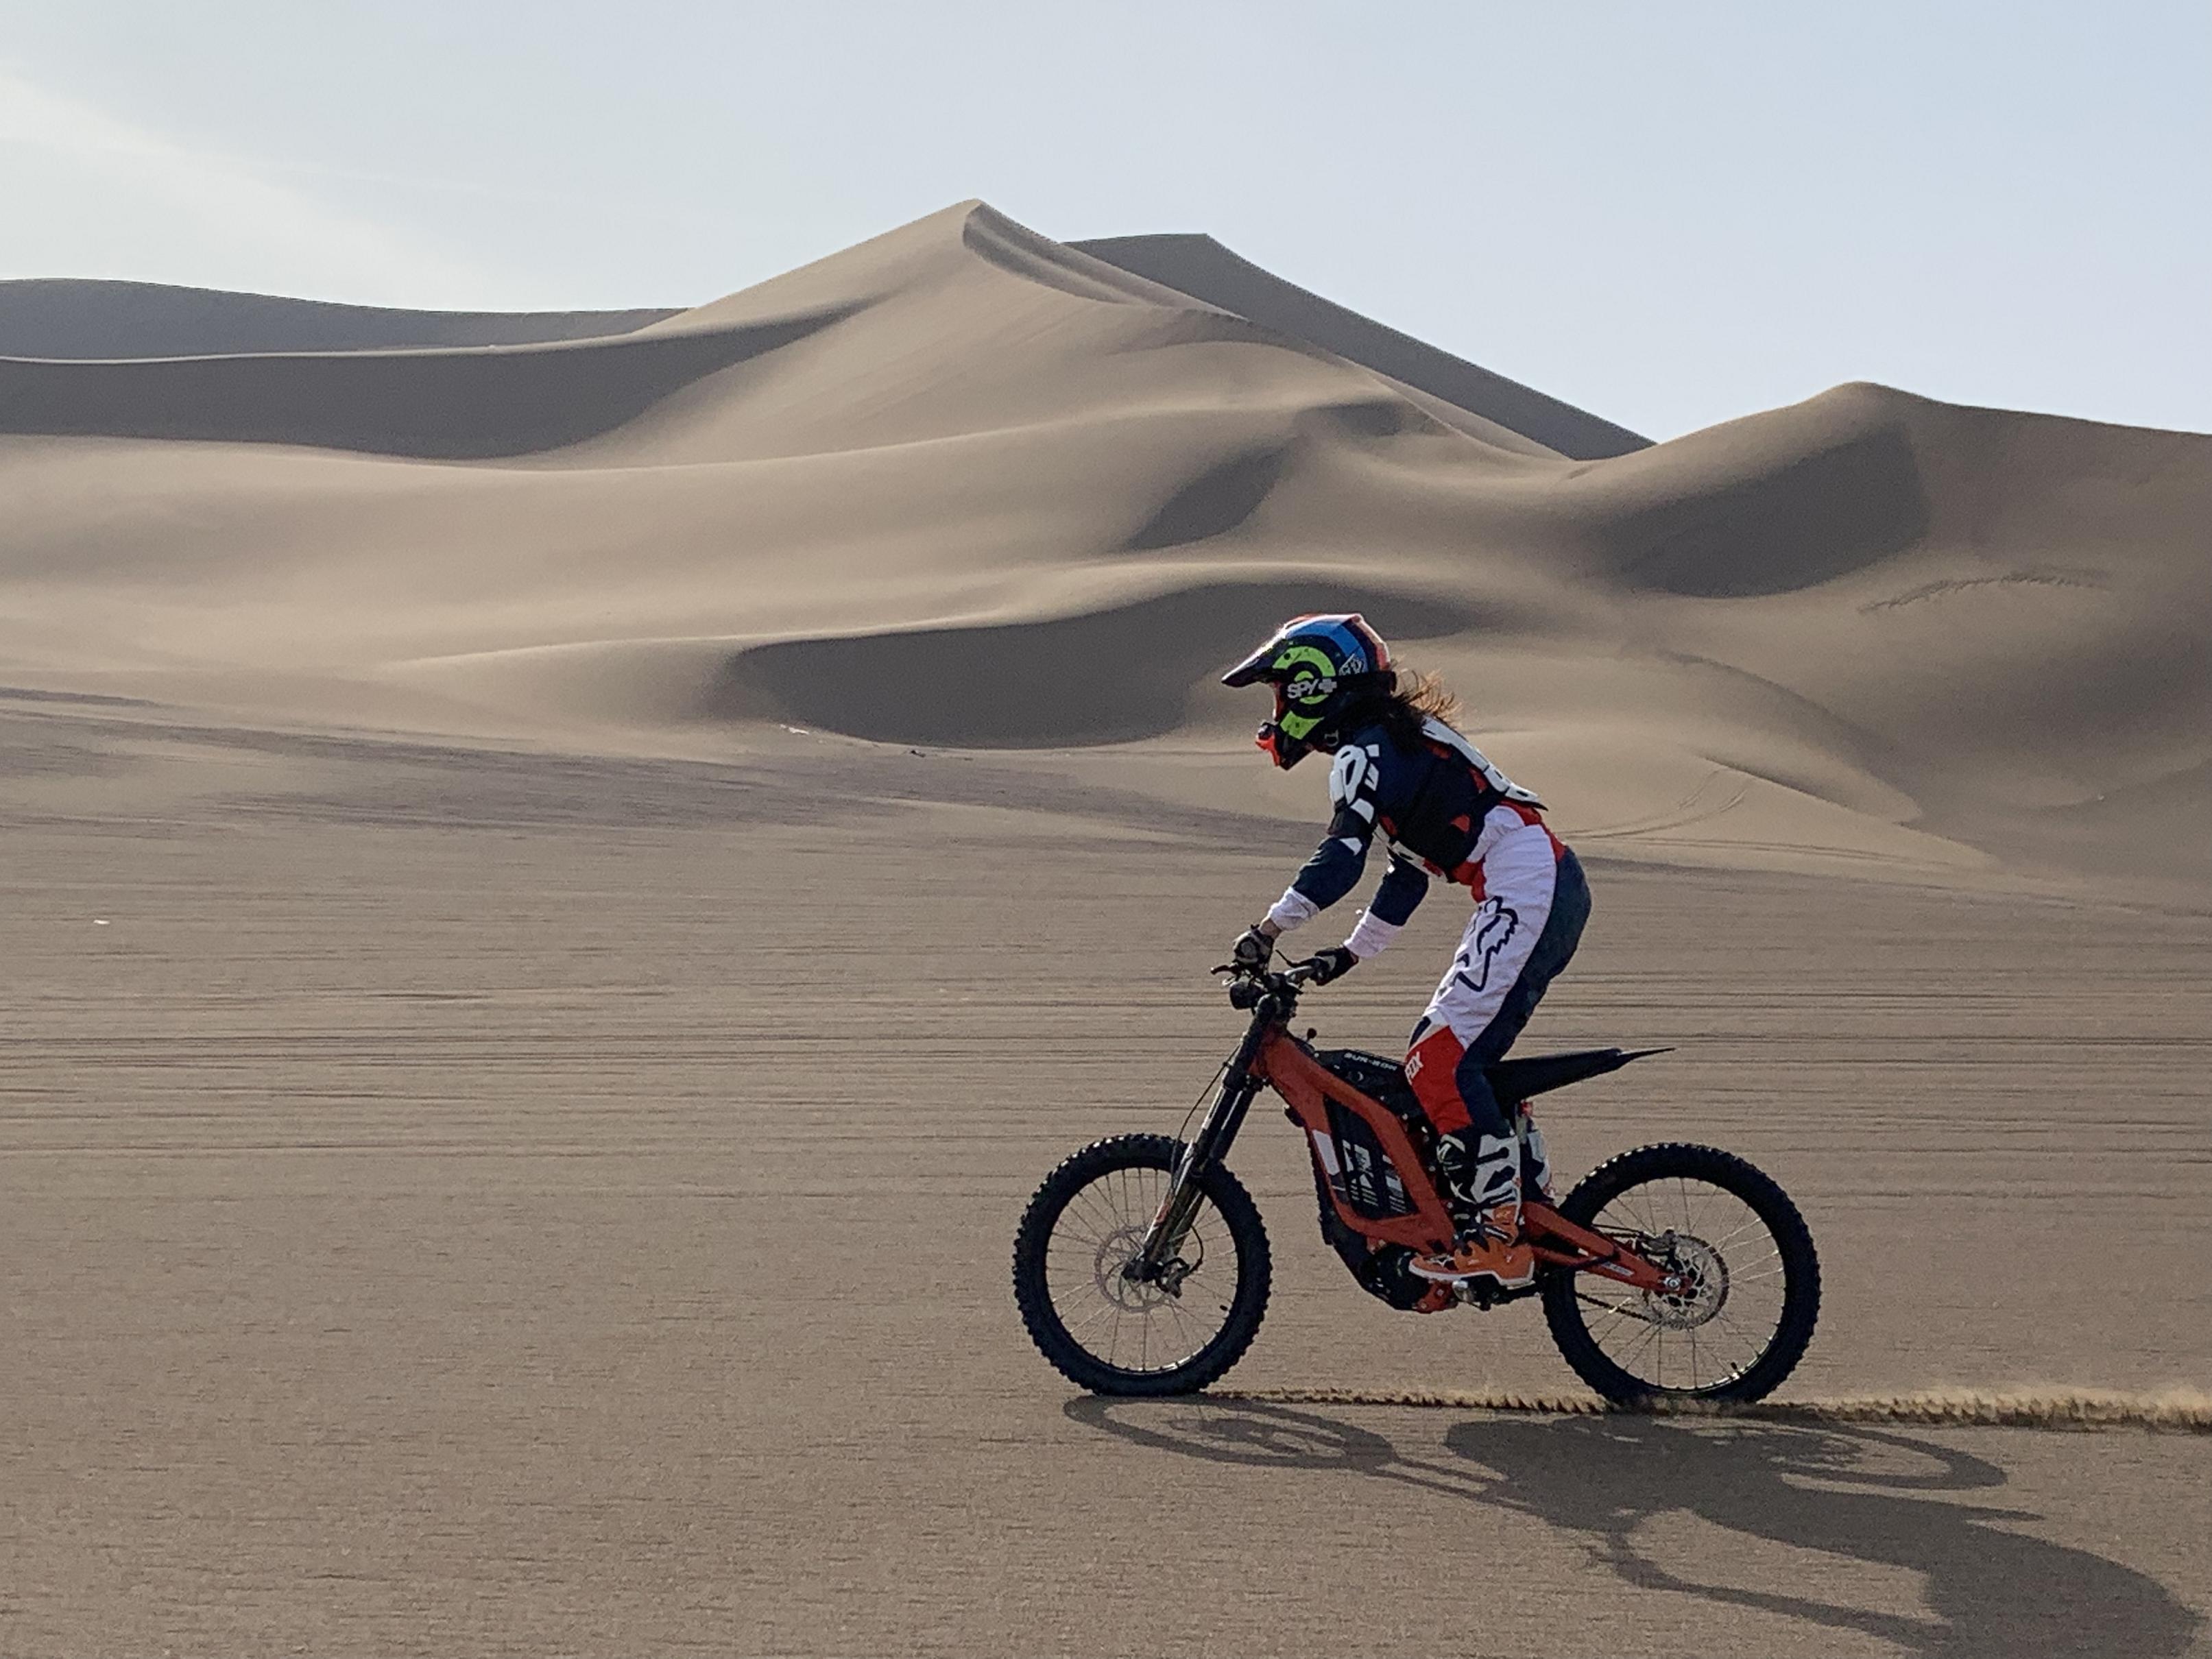 轻蜂电动自行车,能越野的电动自行车